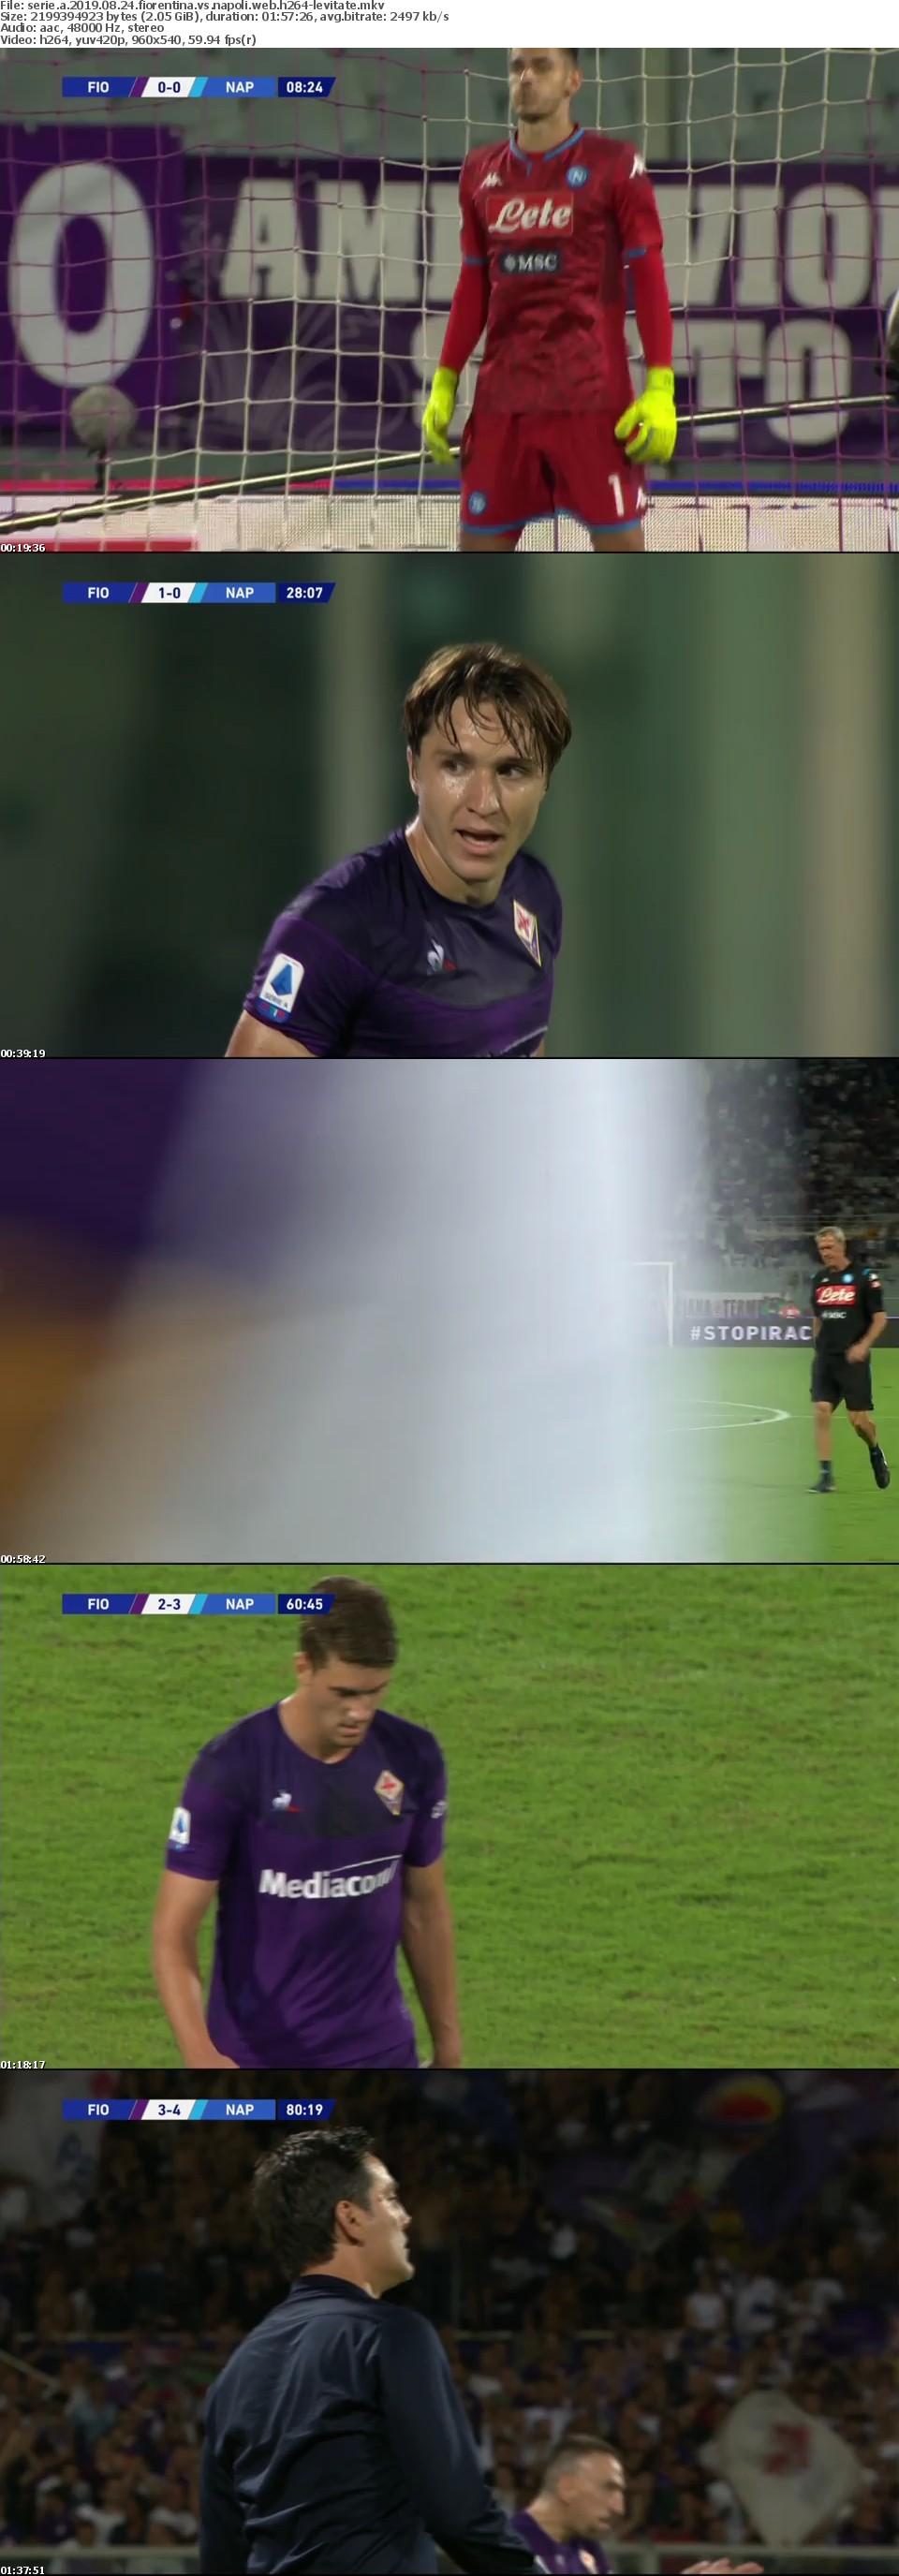 Serie A 2019 08 24 Fiorentina vs Napoli WEB H264-LEViTATE